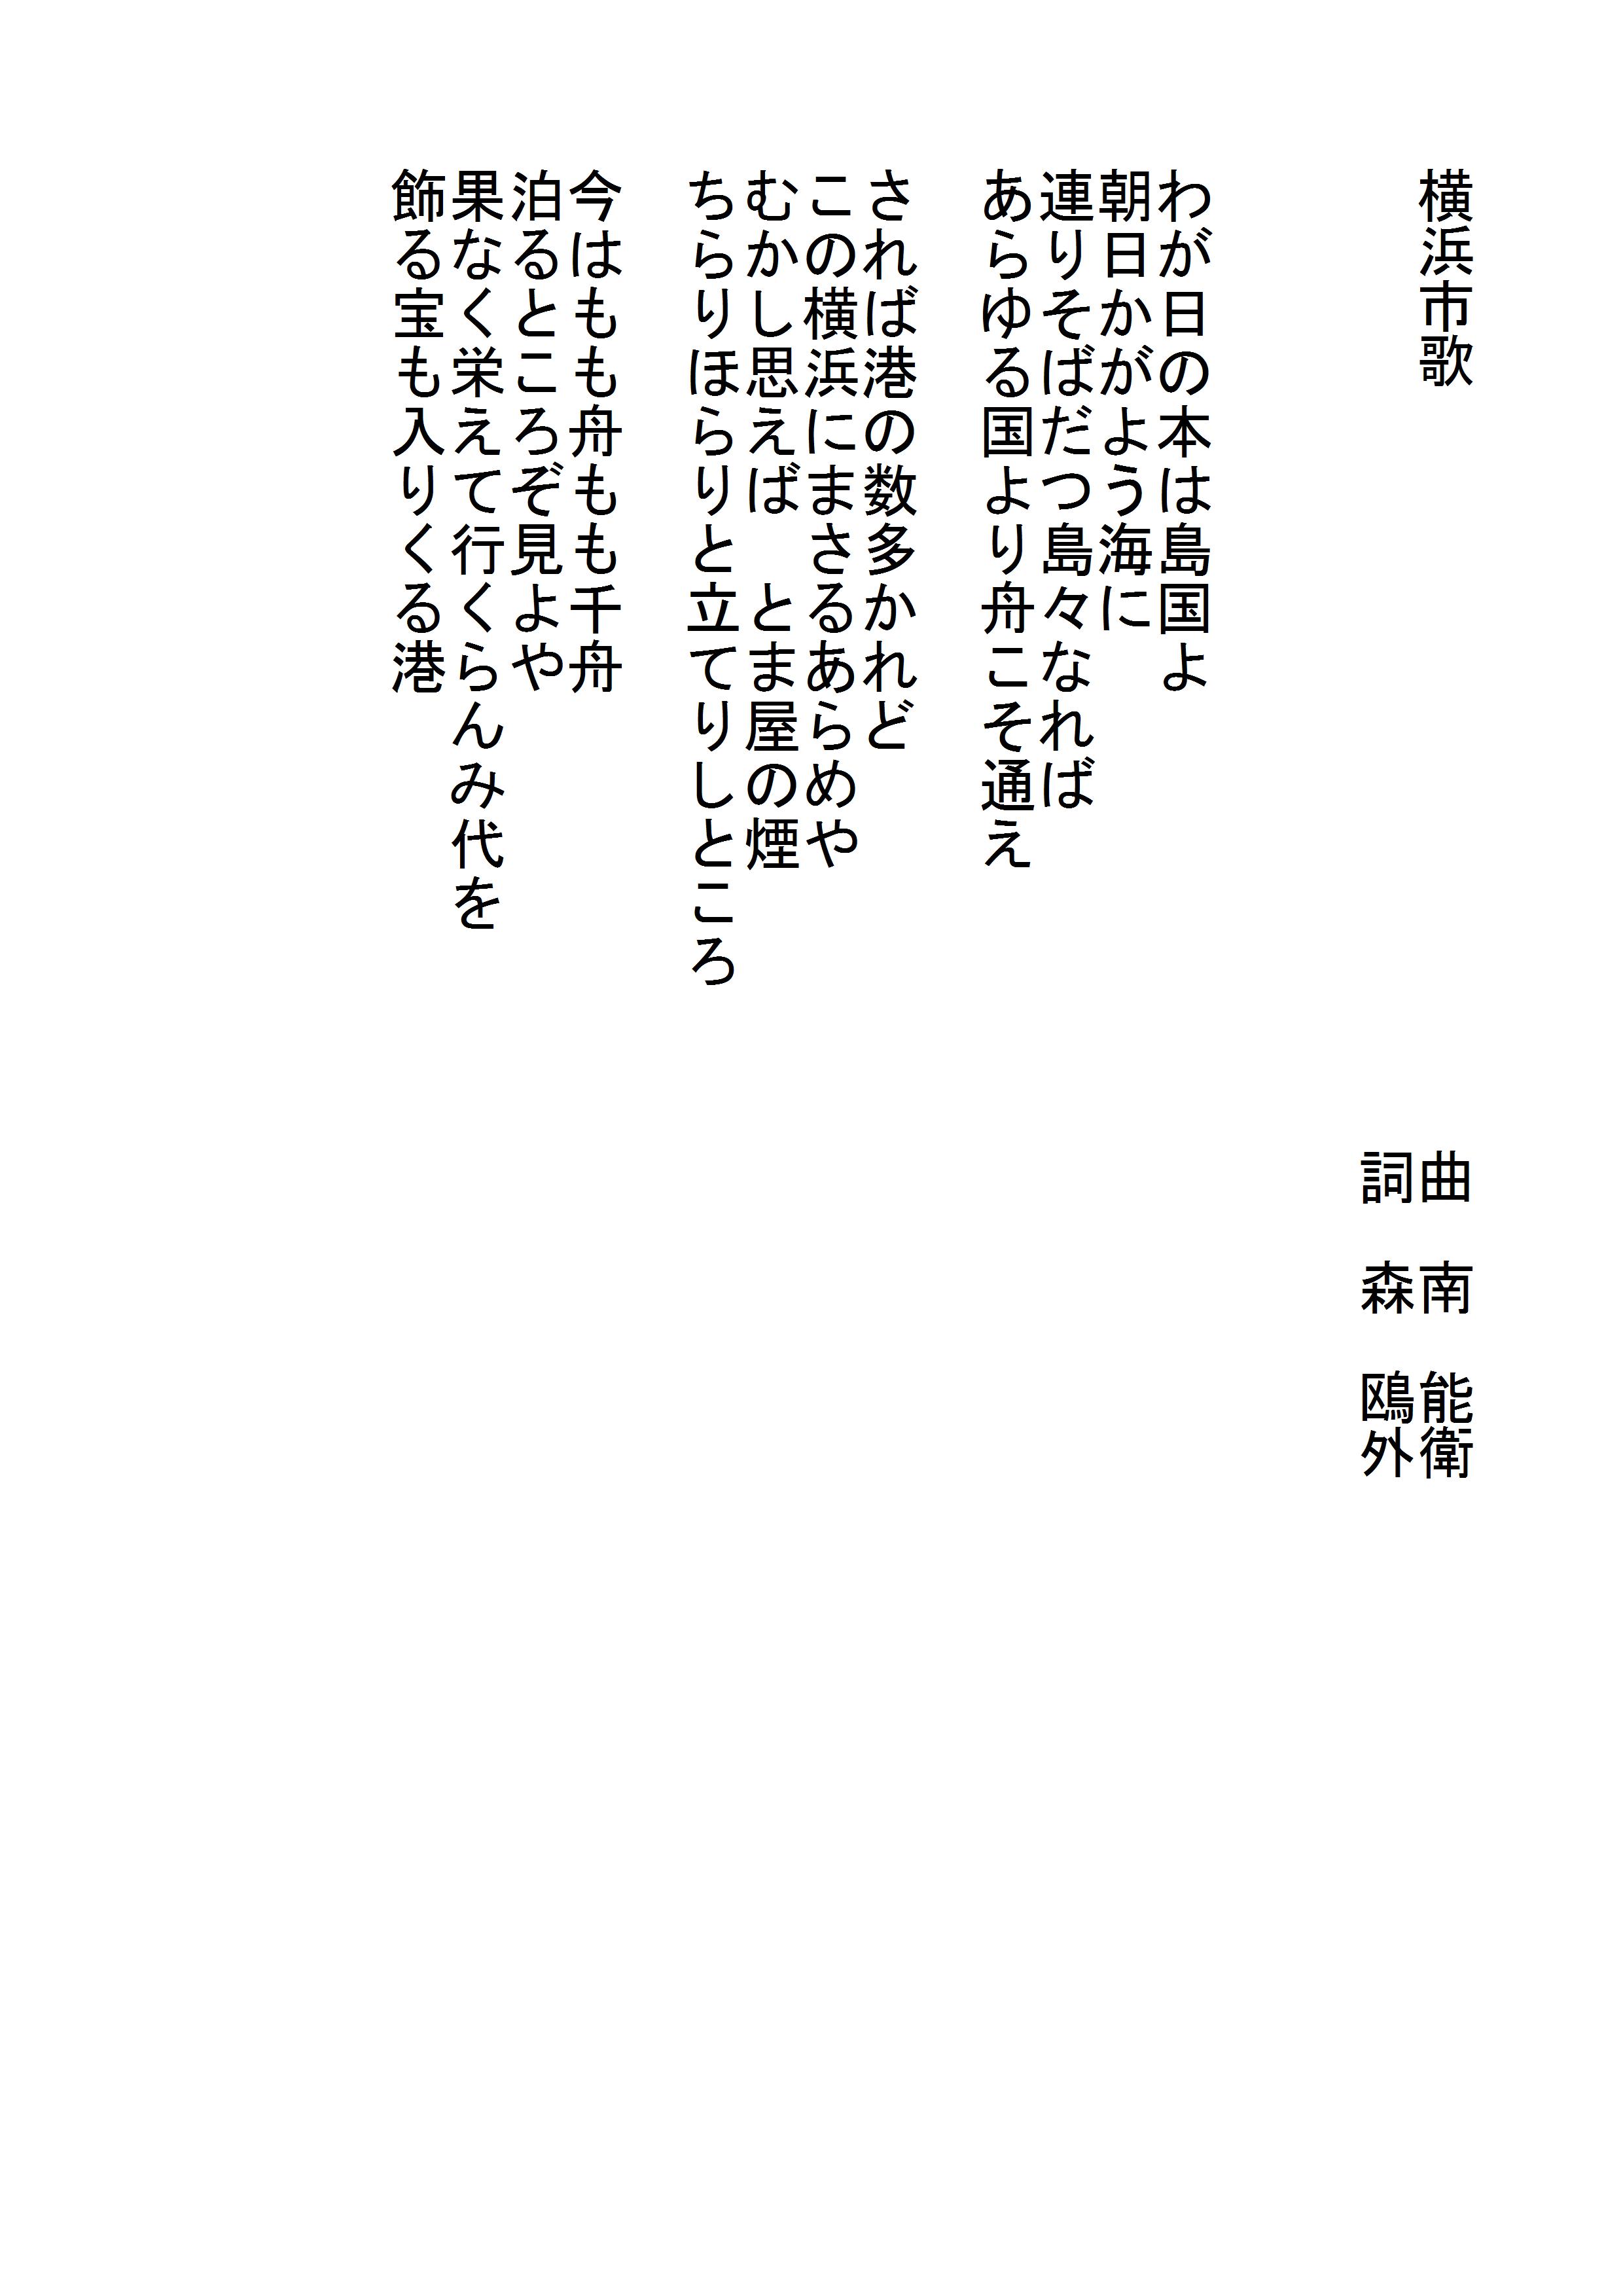 横浜市歌」の歌詞